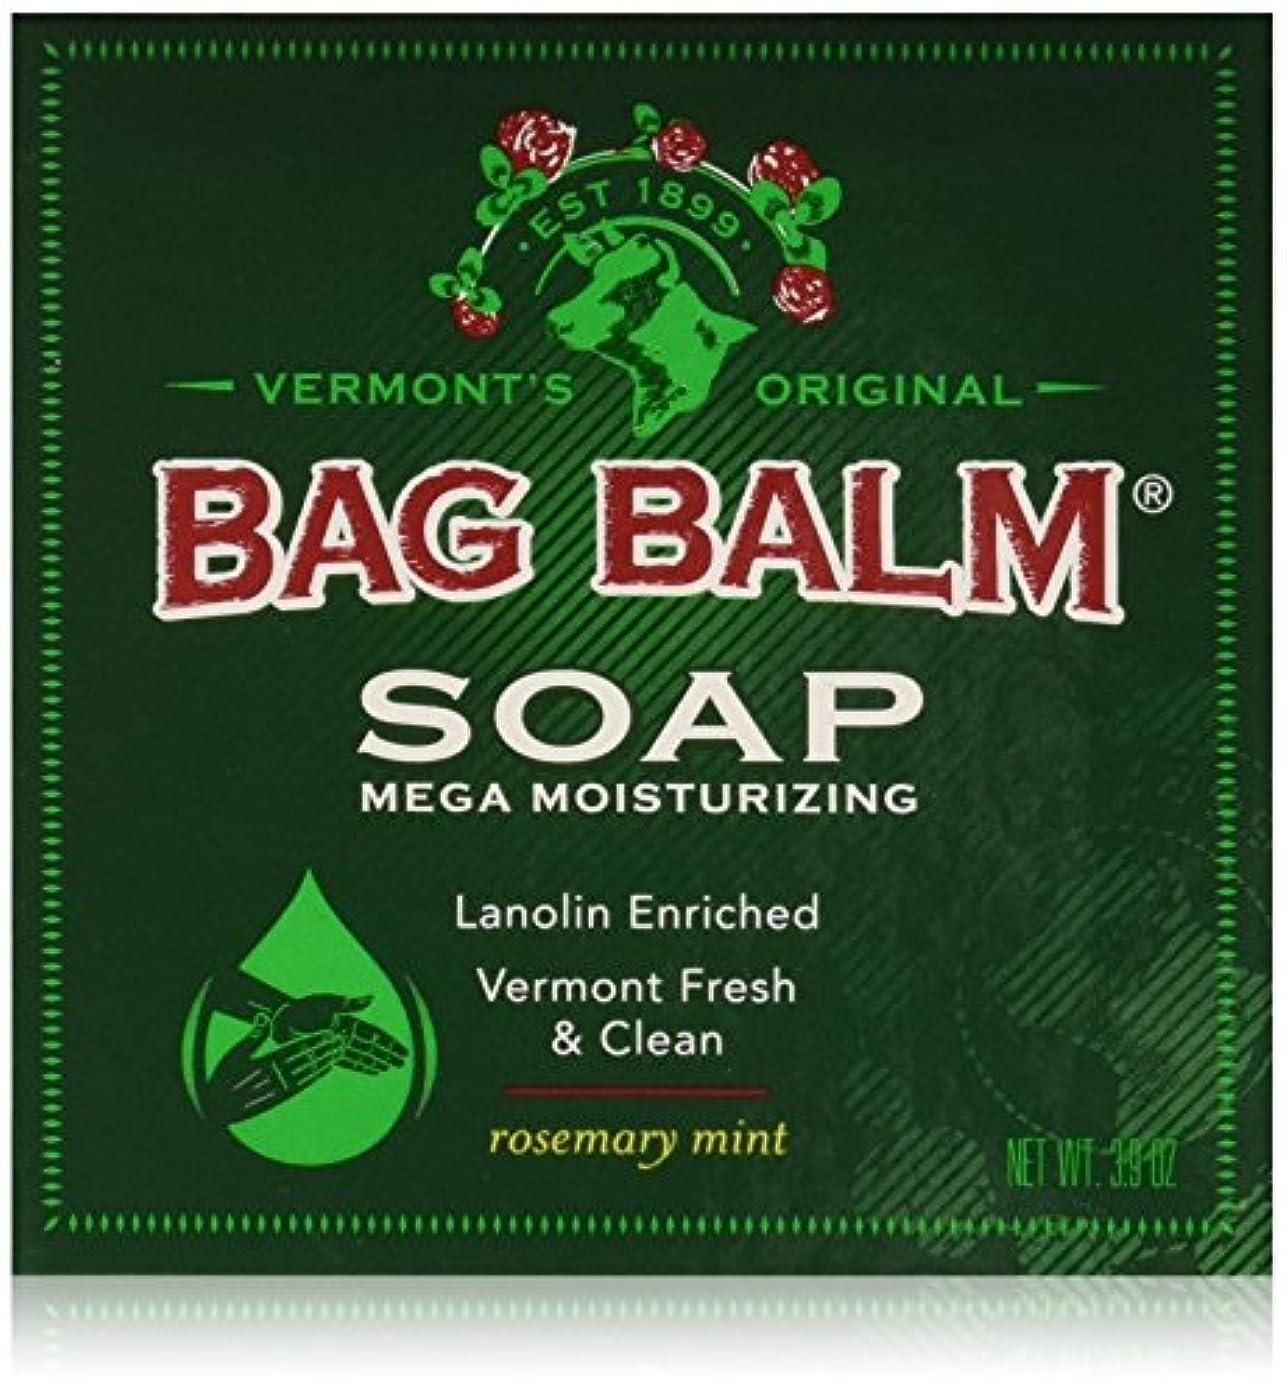 検閲貪欲アラビア語バッグバームの新作 メガモイスチャライジングソープ 3.9オンス 乾燥したお肌にモイスチャライズ石鹸